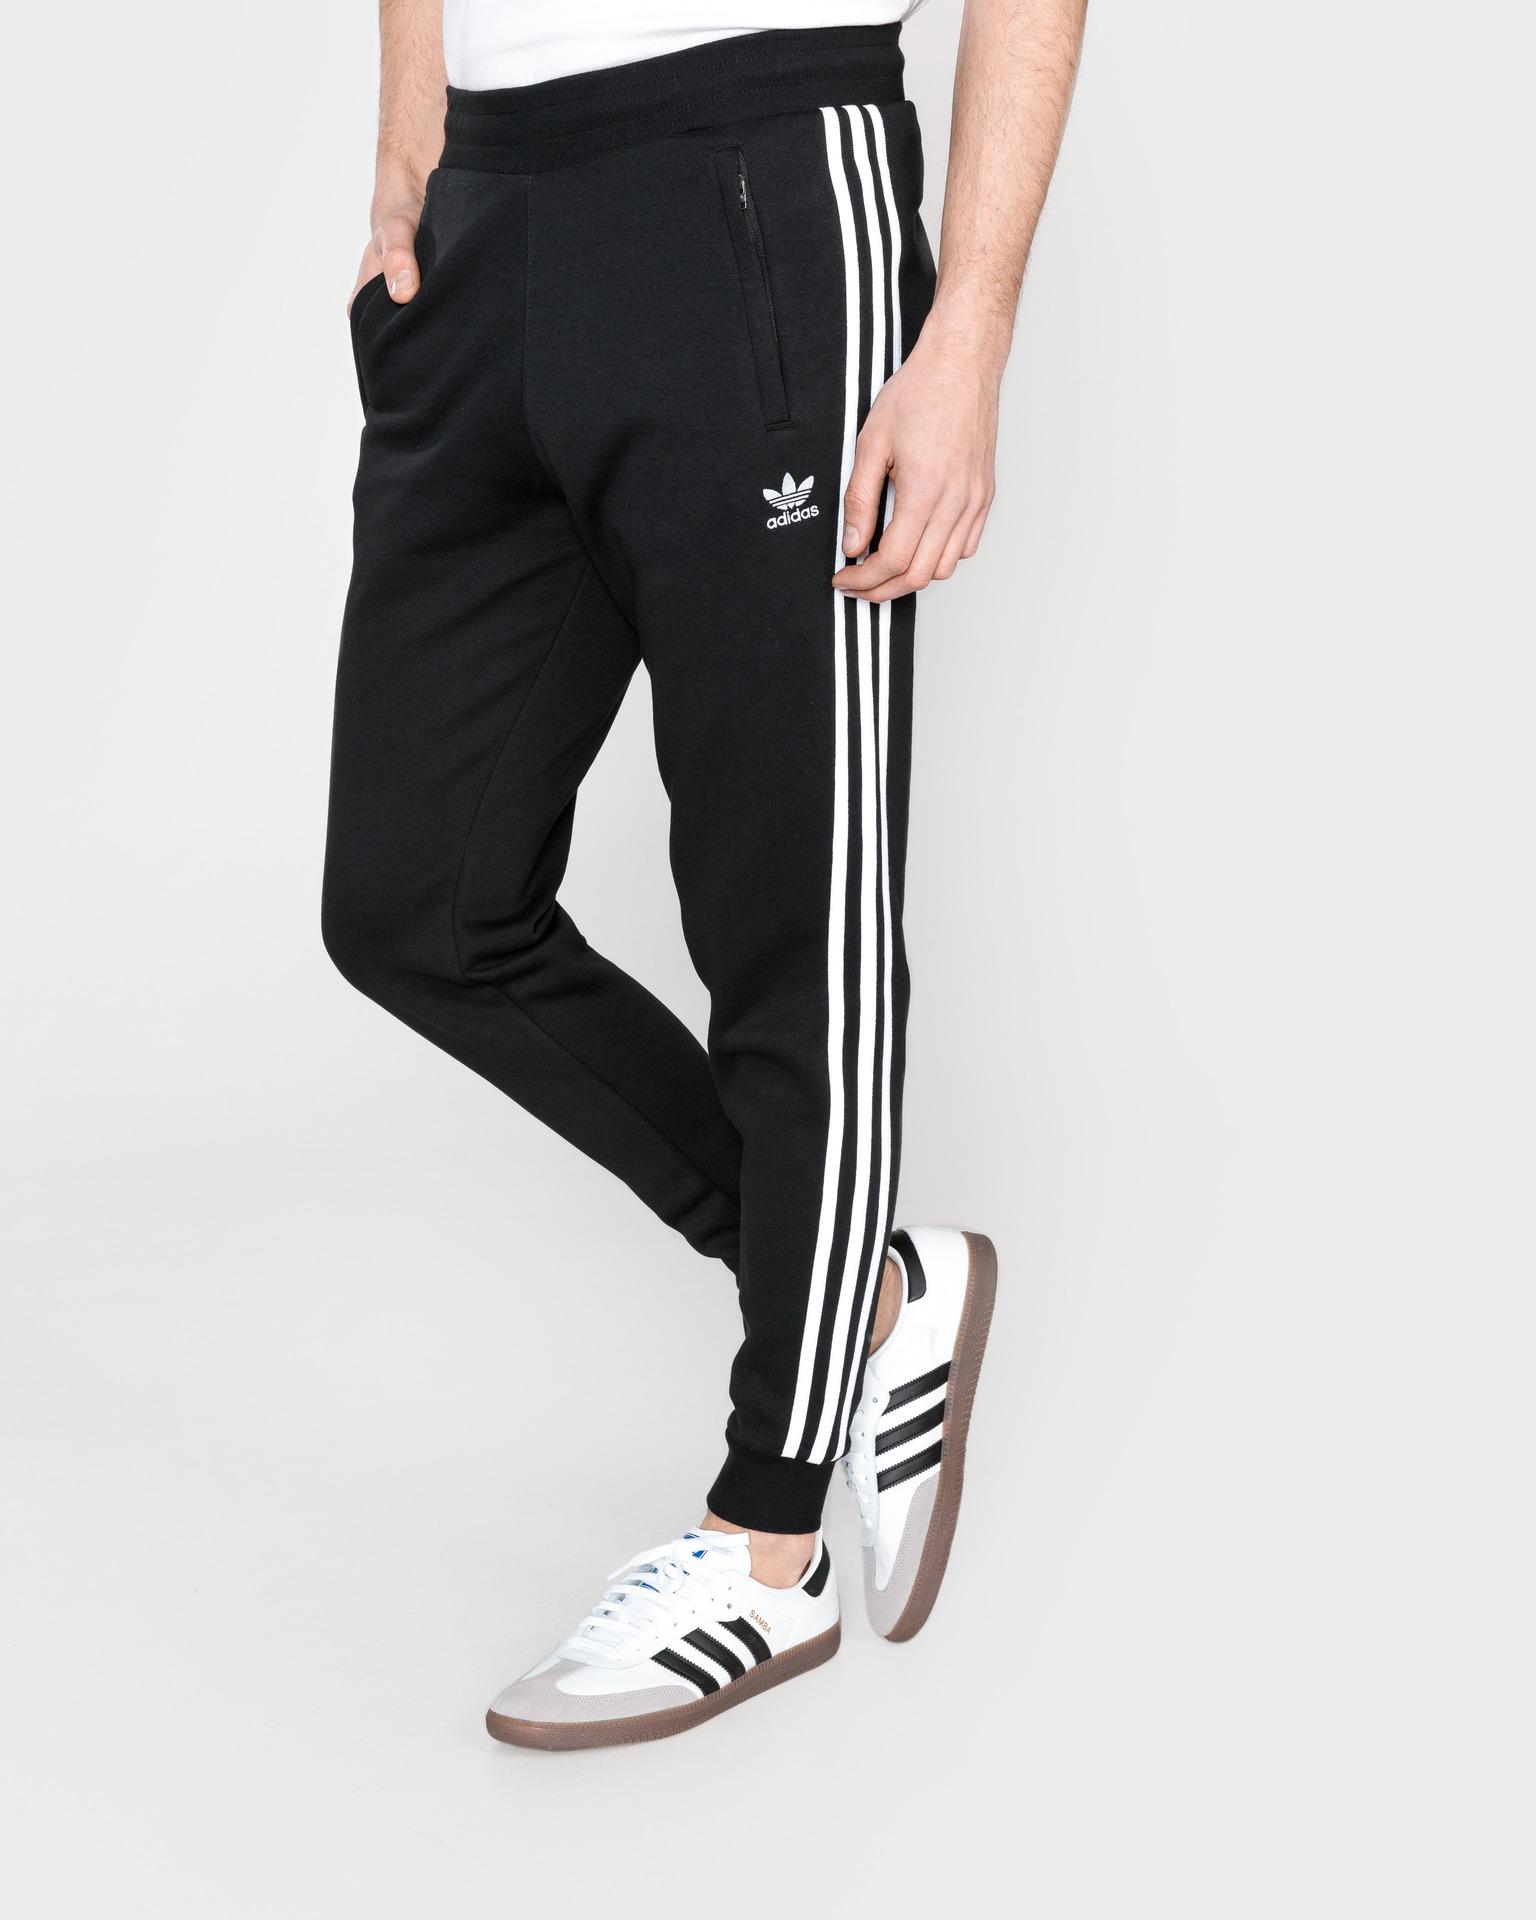 adidas Originals - 3-Stripes Tepláky | Bibloo.sk